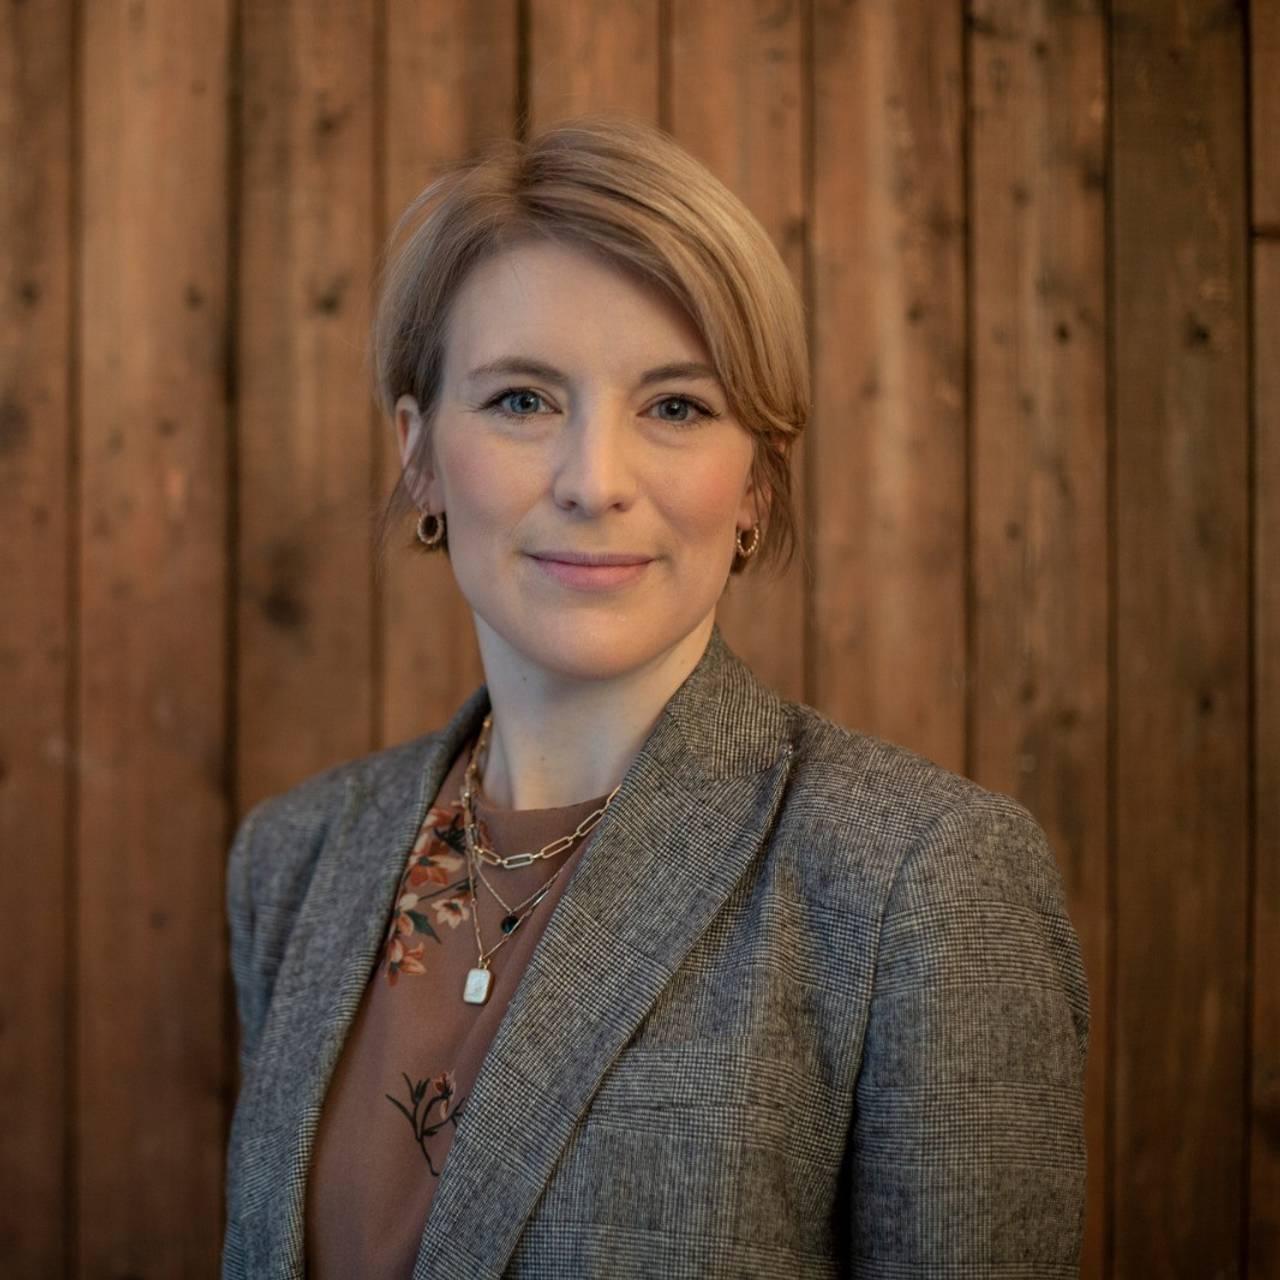 Bilde av Kari-Elisabeth Kaski, stortingsrepresentant